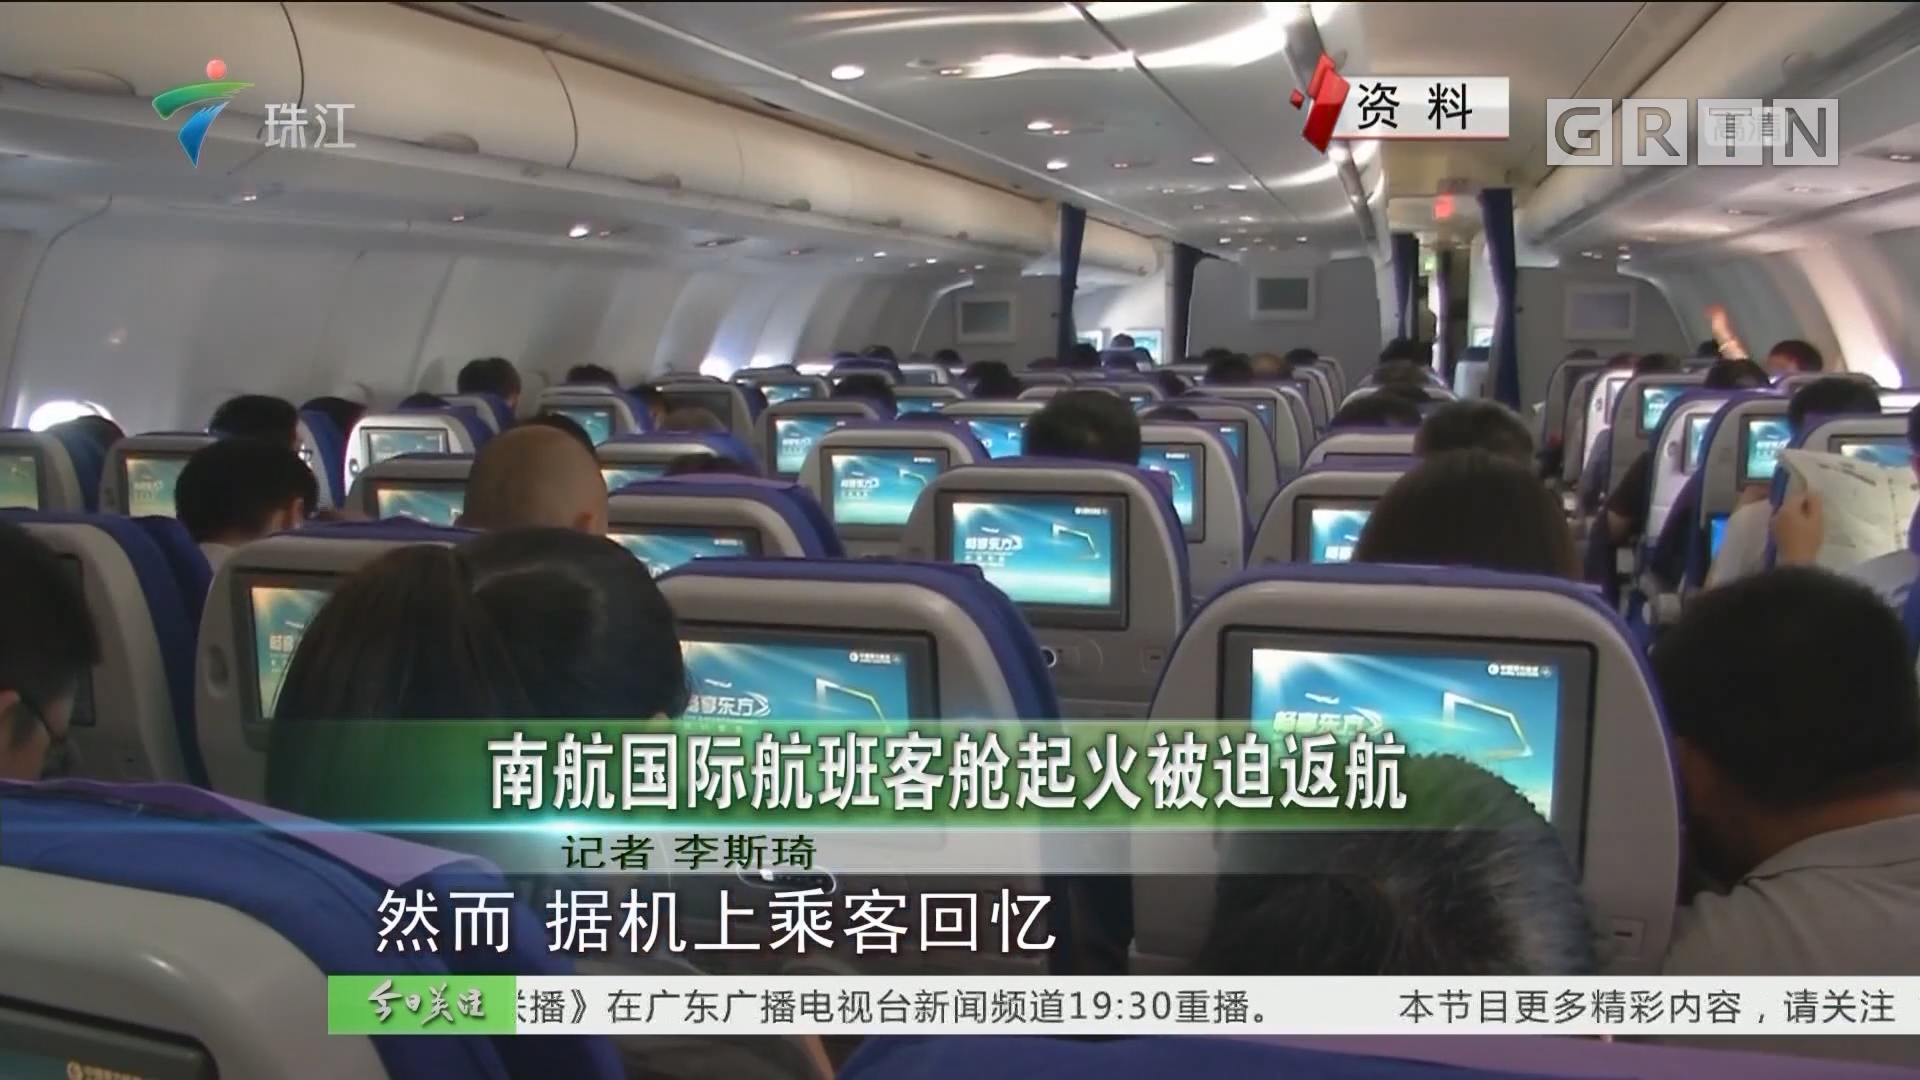 南航国际航班客舱起火被迫返航